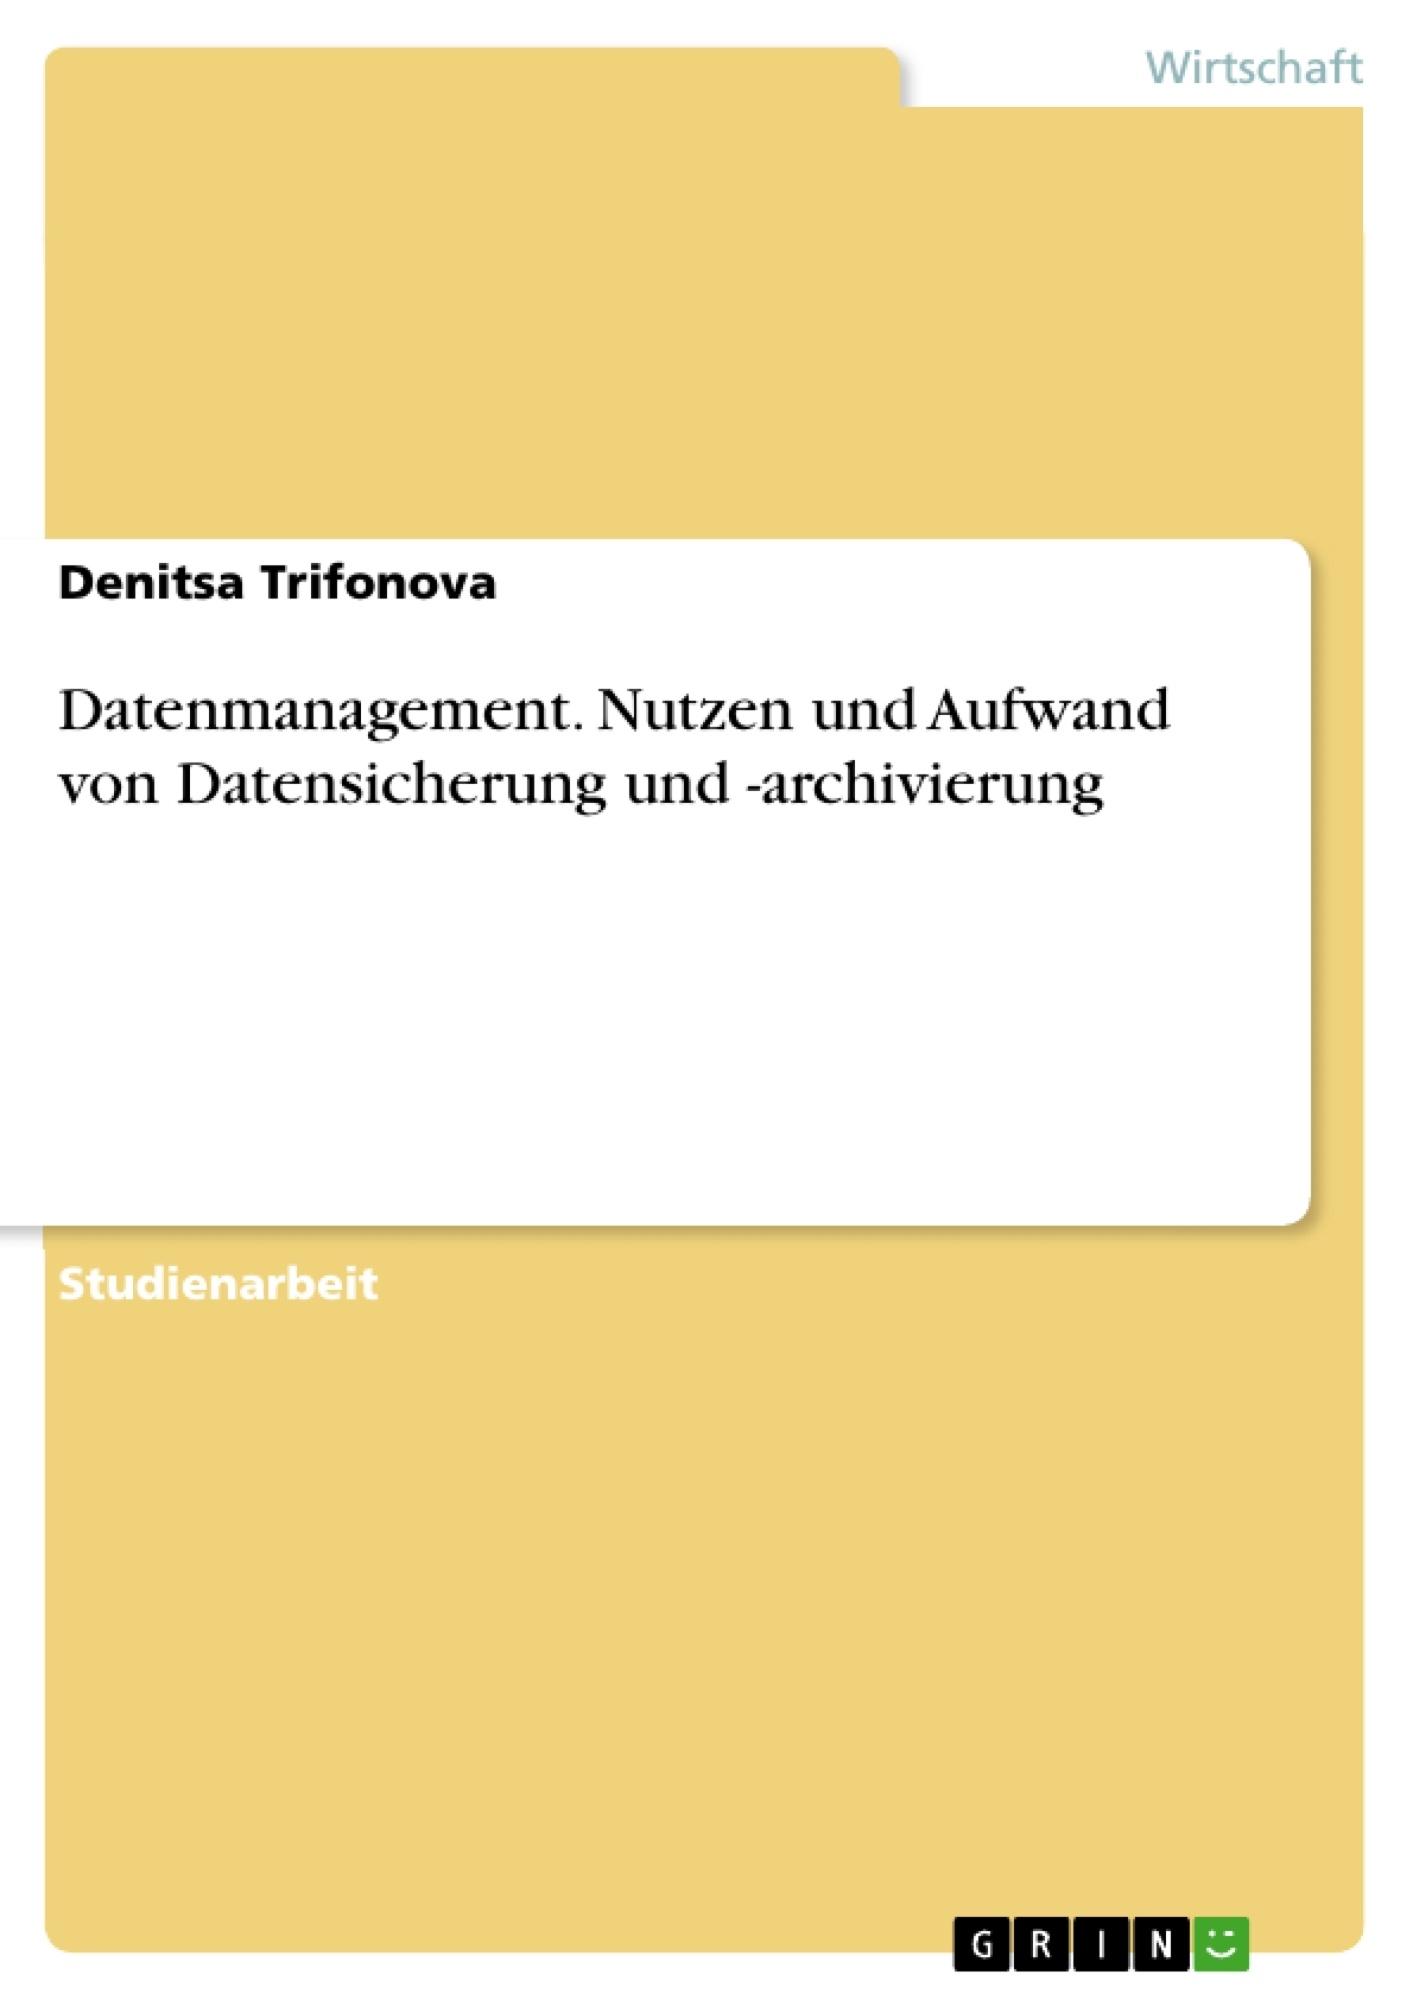 Titel: Datenmanagement. Nutzen und Aufwand von Datensicherung und -archivierung